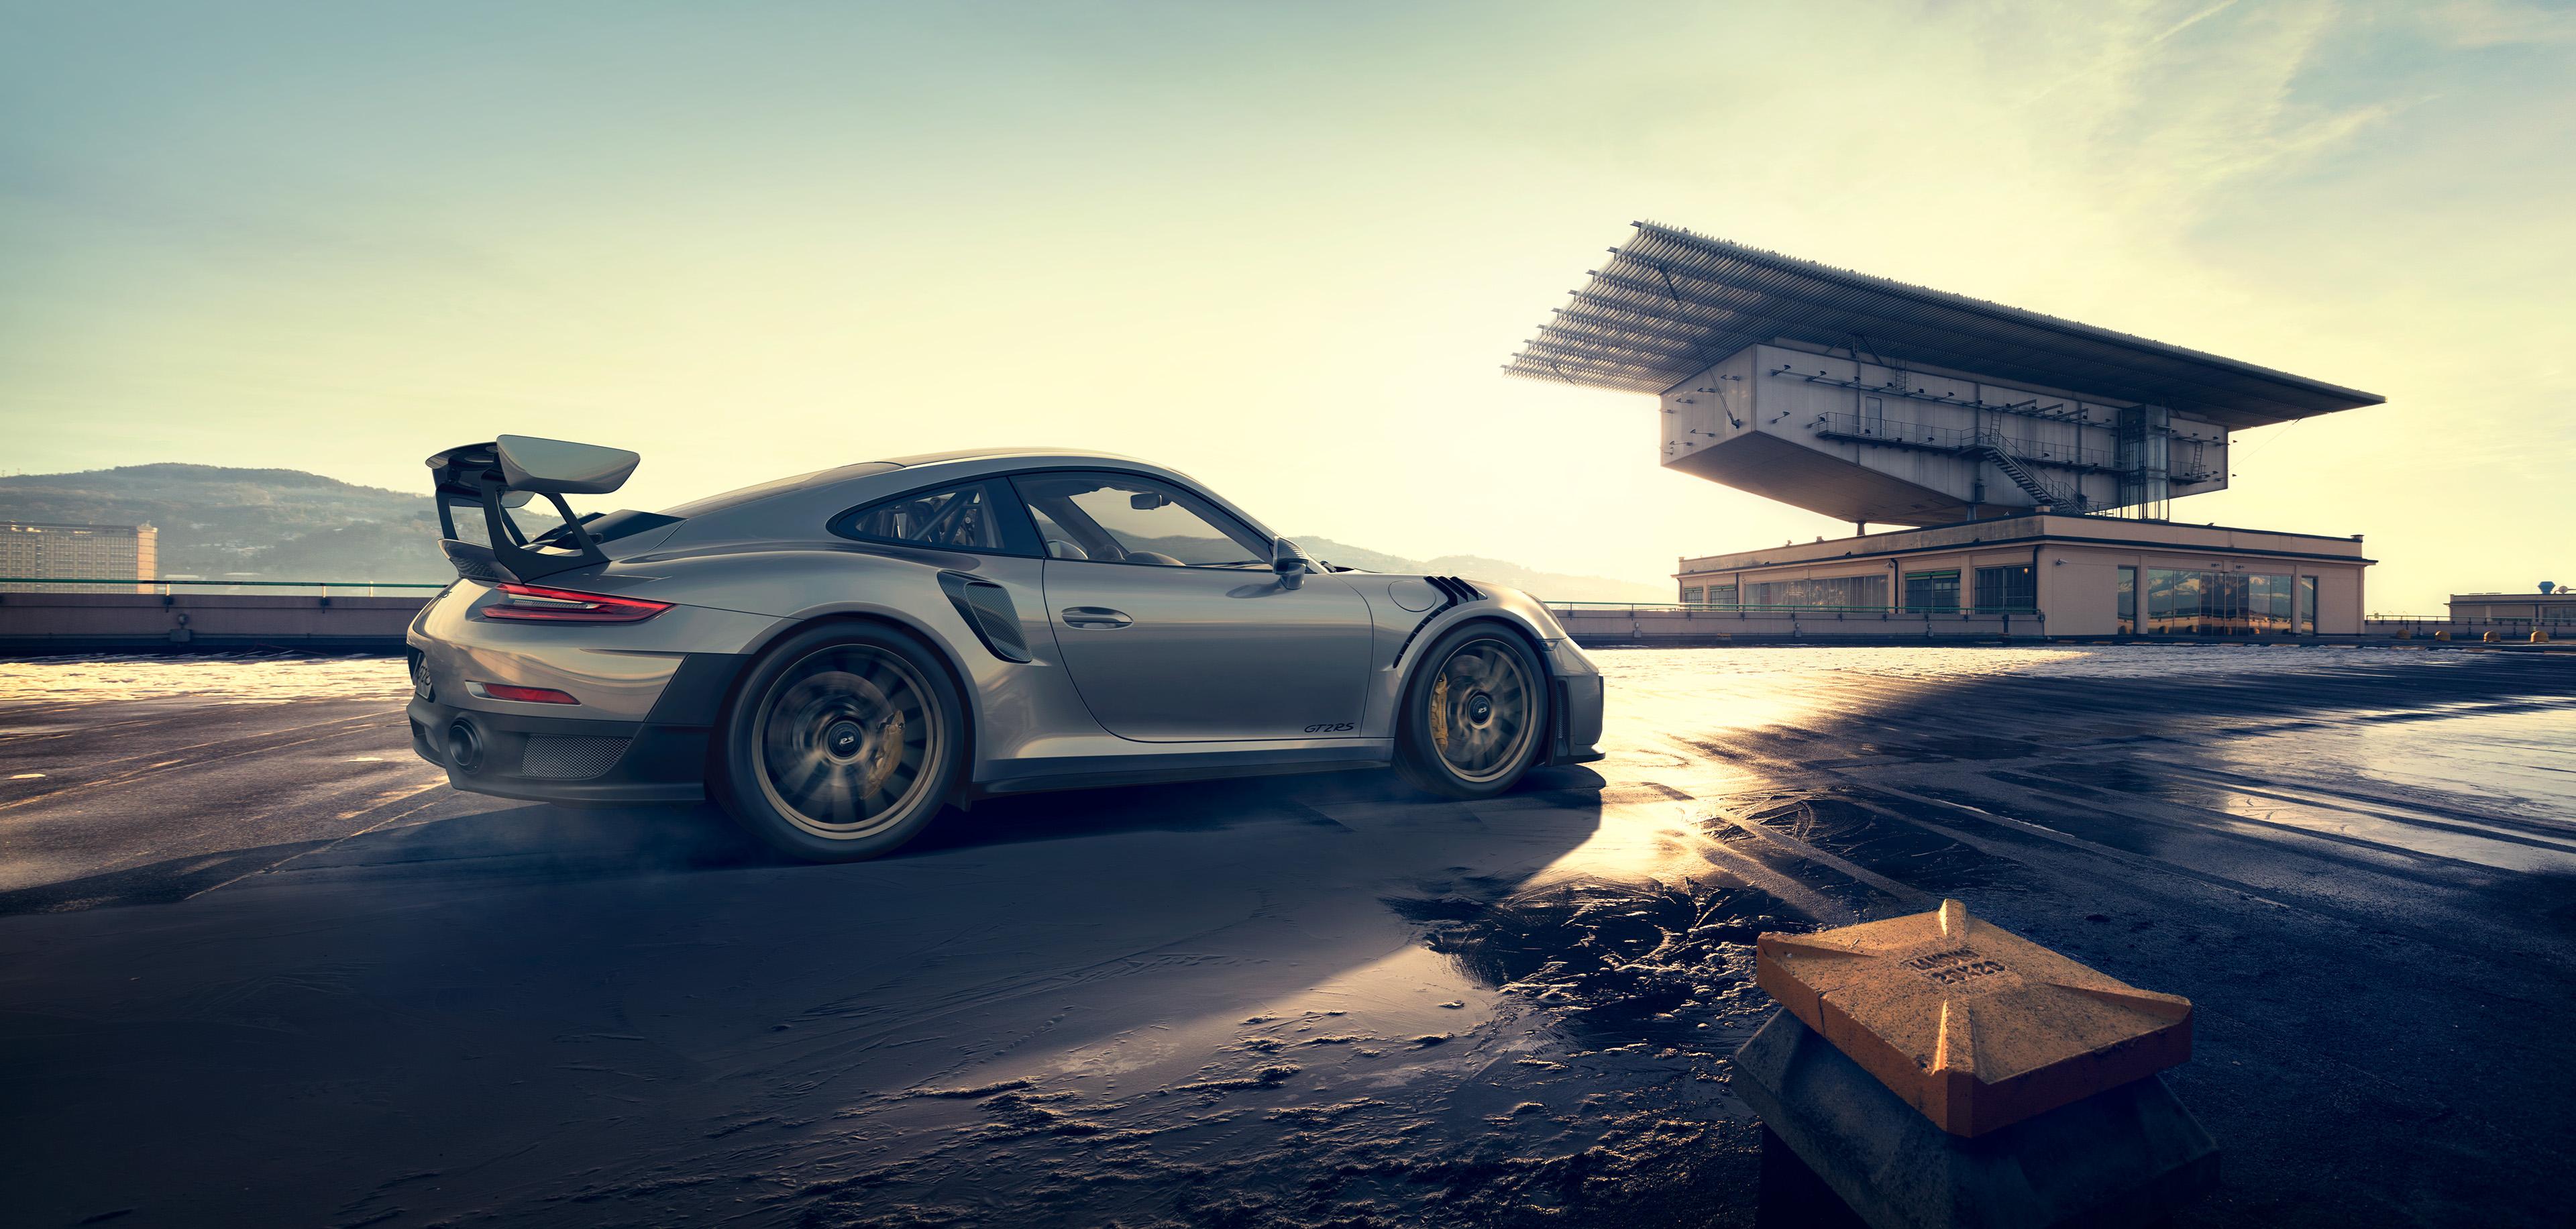 Porsche 911 Gt2 Rs Fondo De Pantalla Hd Fondo De